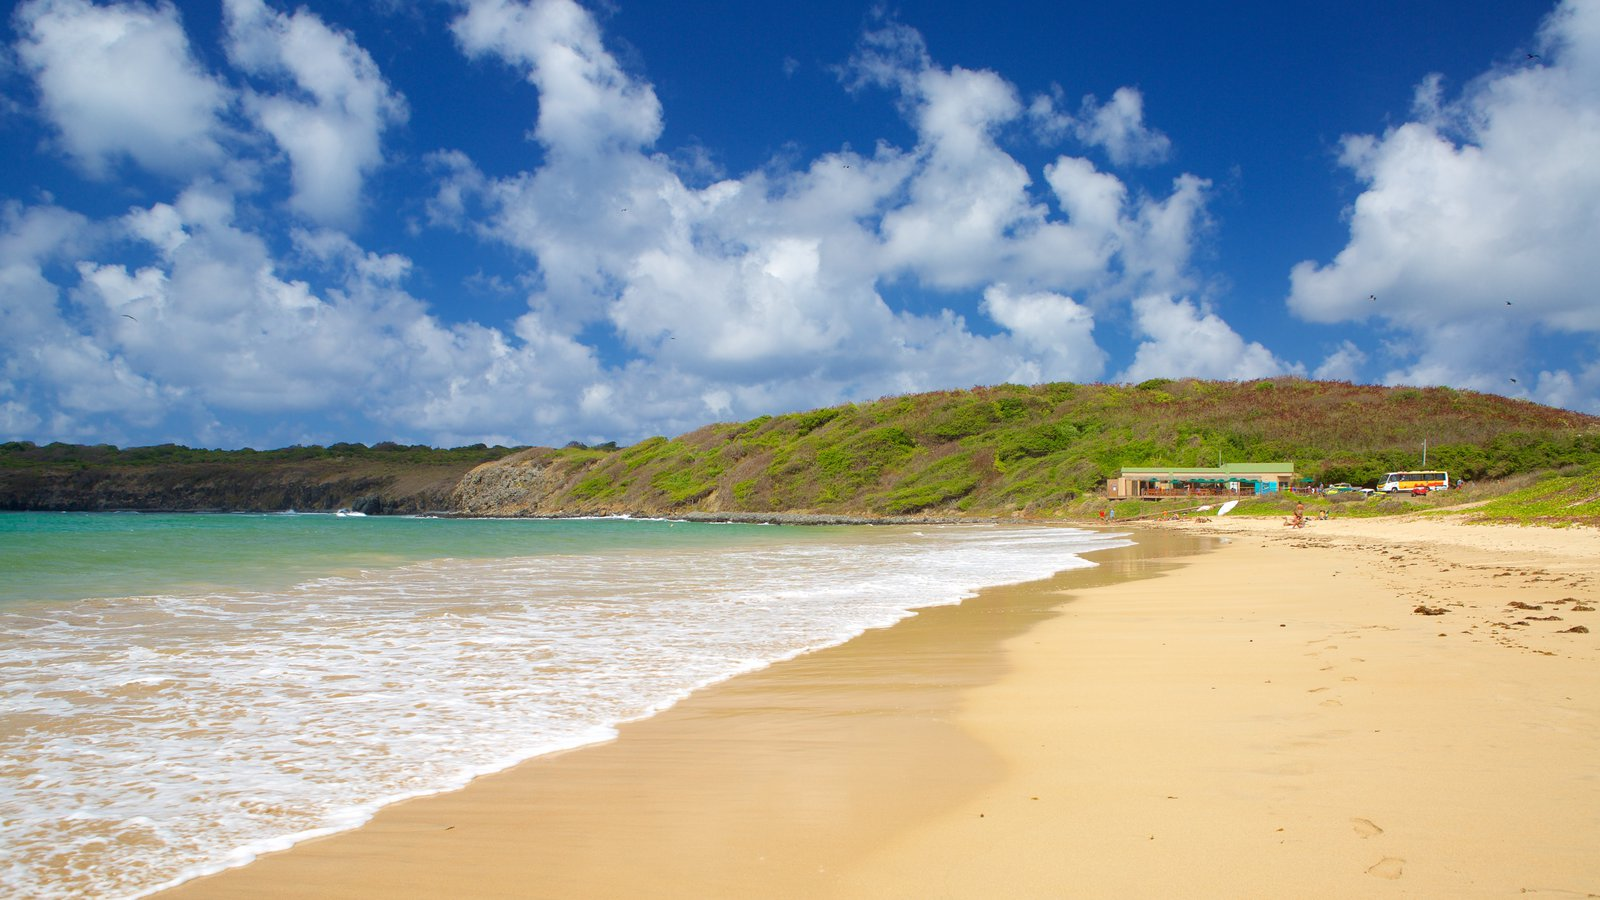 Praia do Sueste caracterizando uma praia e paisagens litorâneas